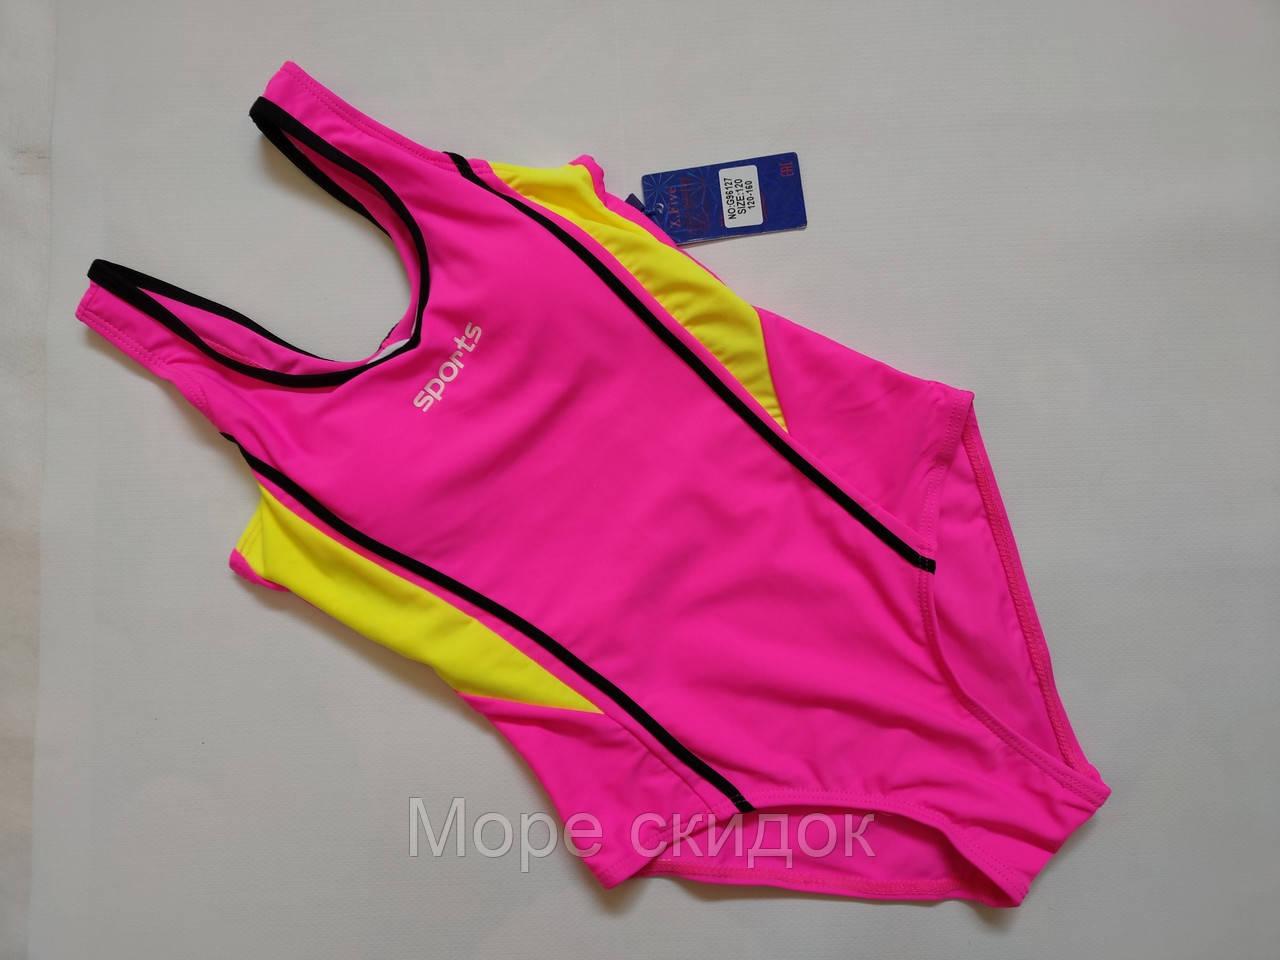 Купальник  слитный для подростков Z.FIVE 96127 Спорт розовый (в наличии  32 34 36 38 40  размеры)